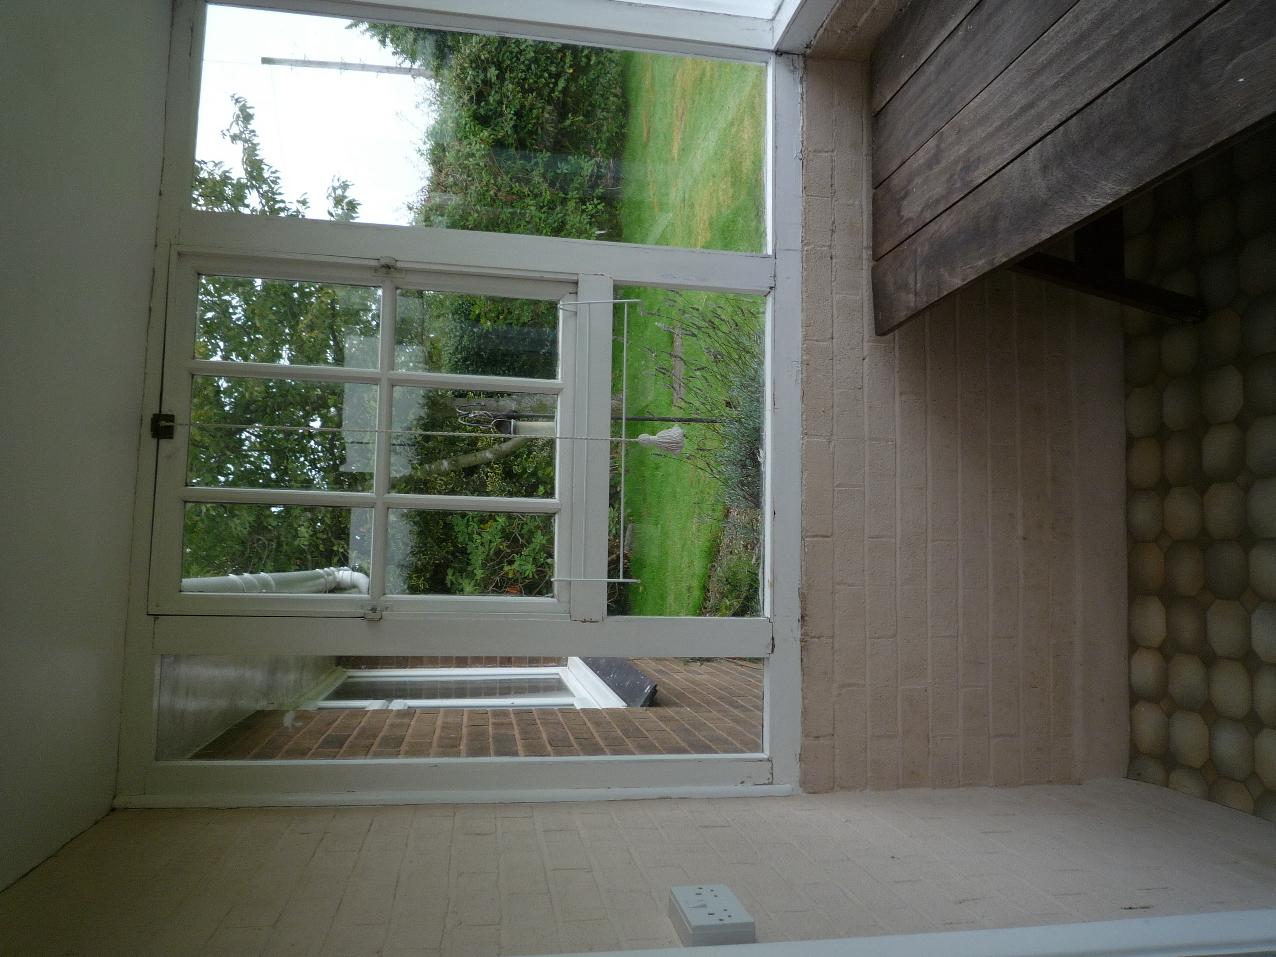 1 Lapley Wood